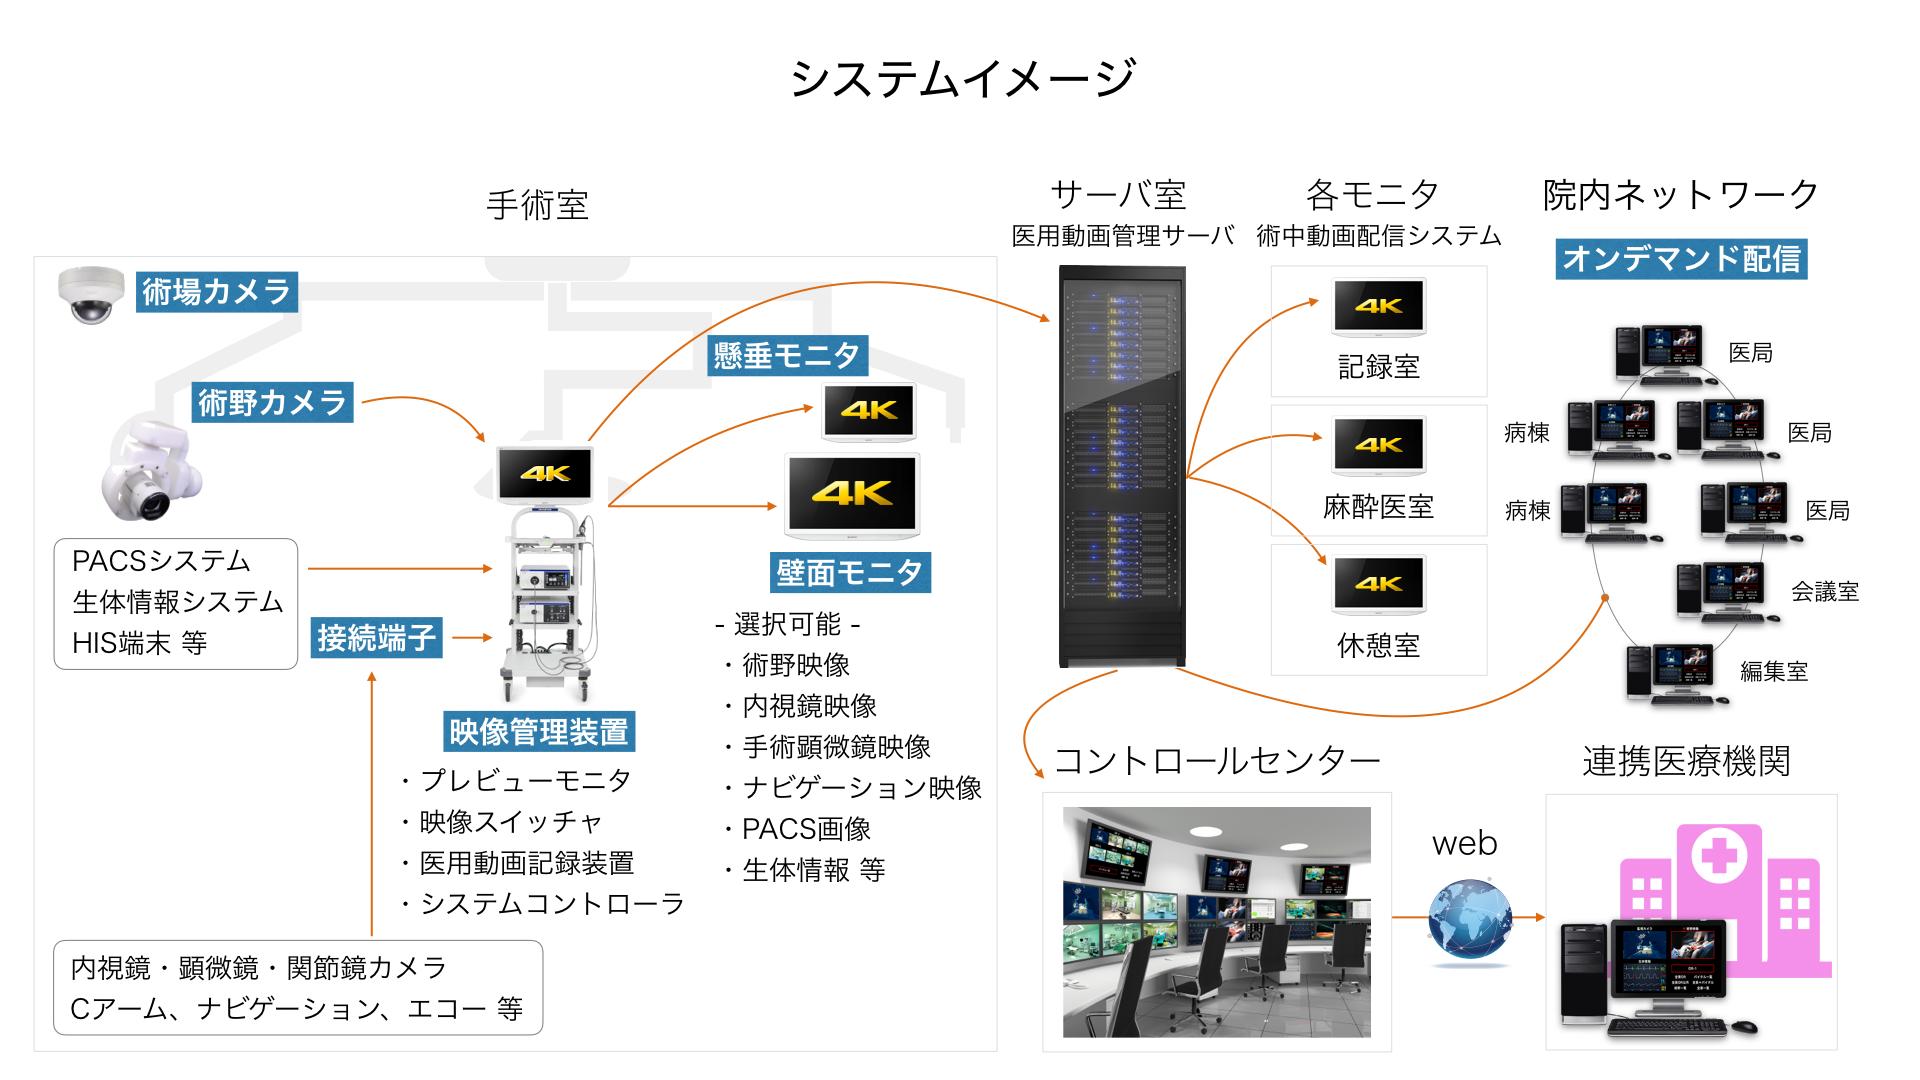 手術映像管理システム